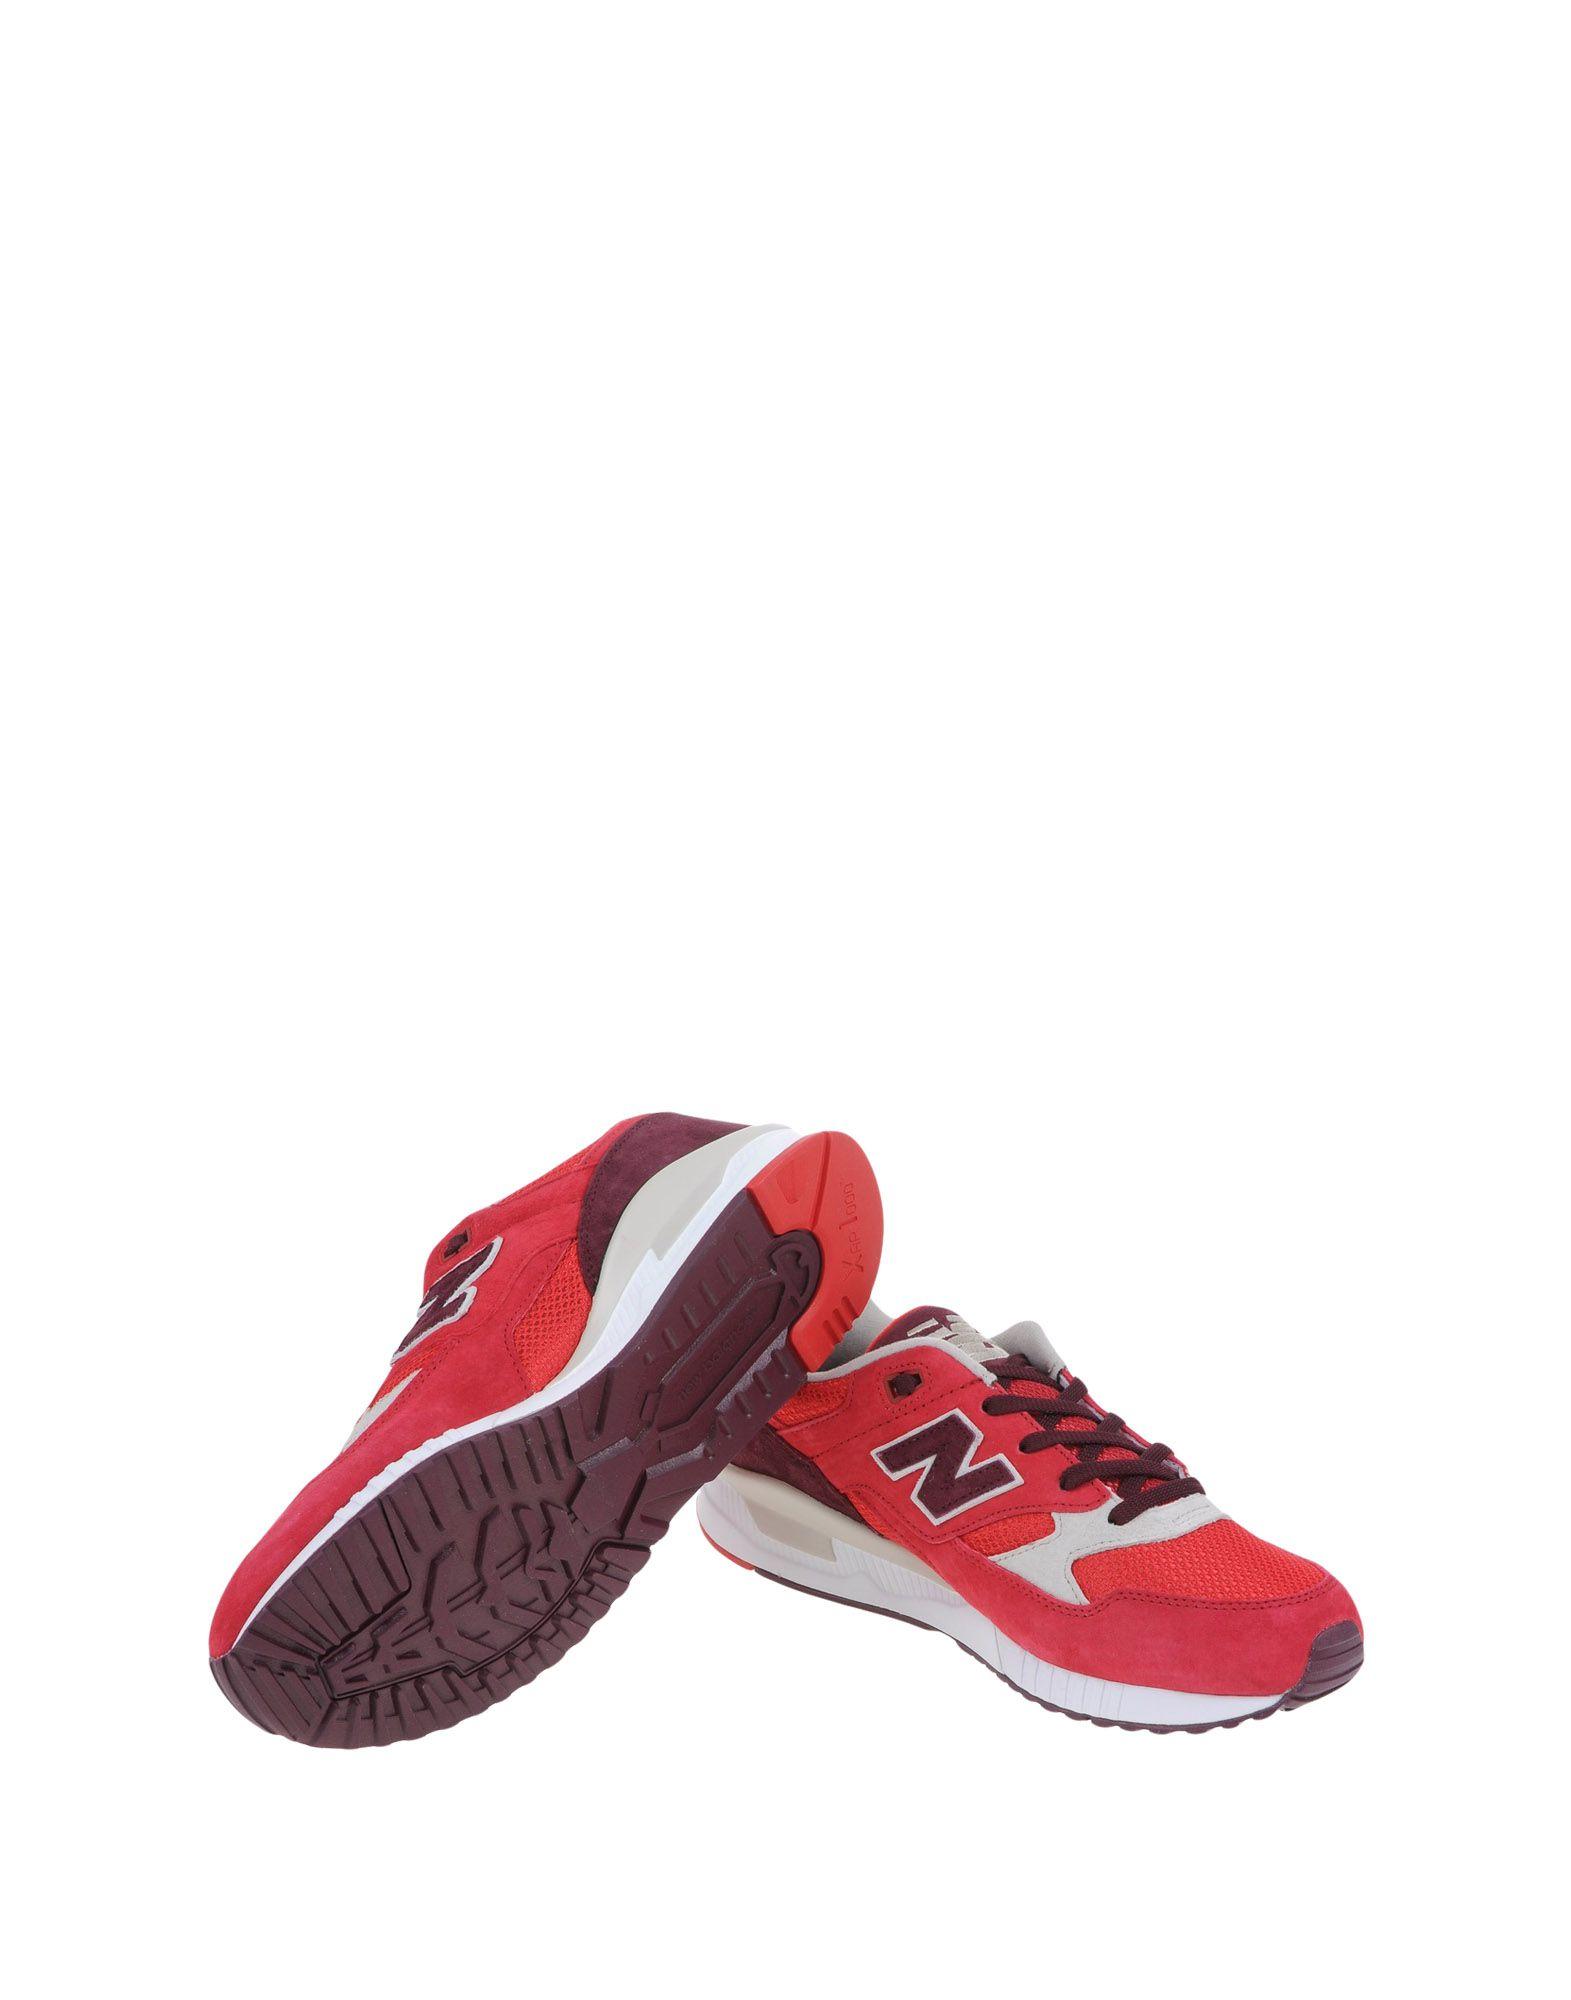 Rabatt echte Lunar Schuhe New Balance 530 Lunar echte New Year Pack  44991737LB 9aece9